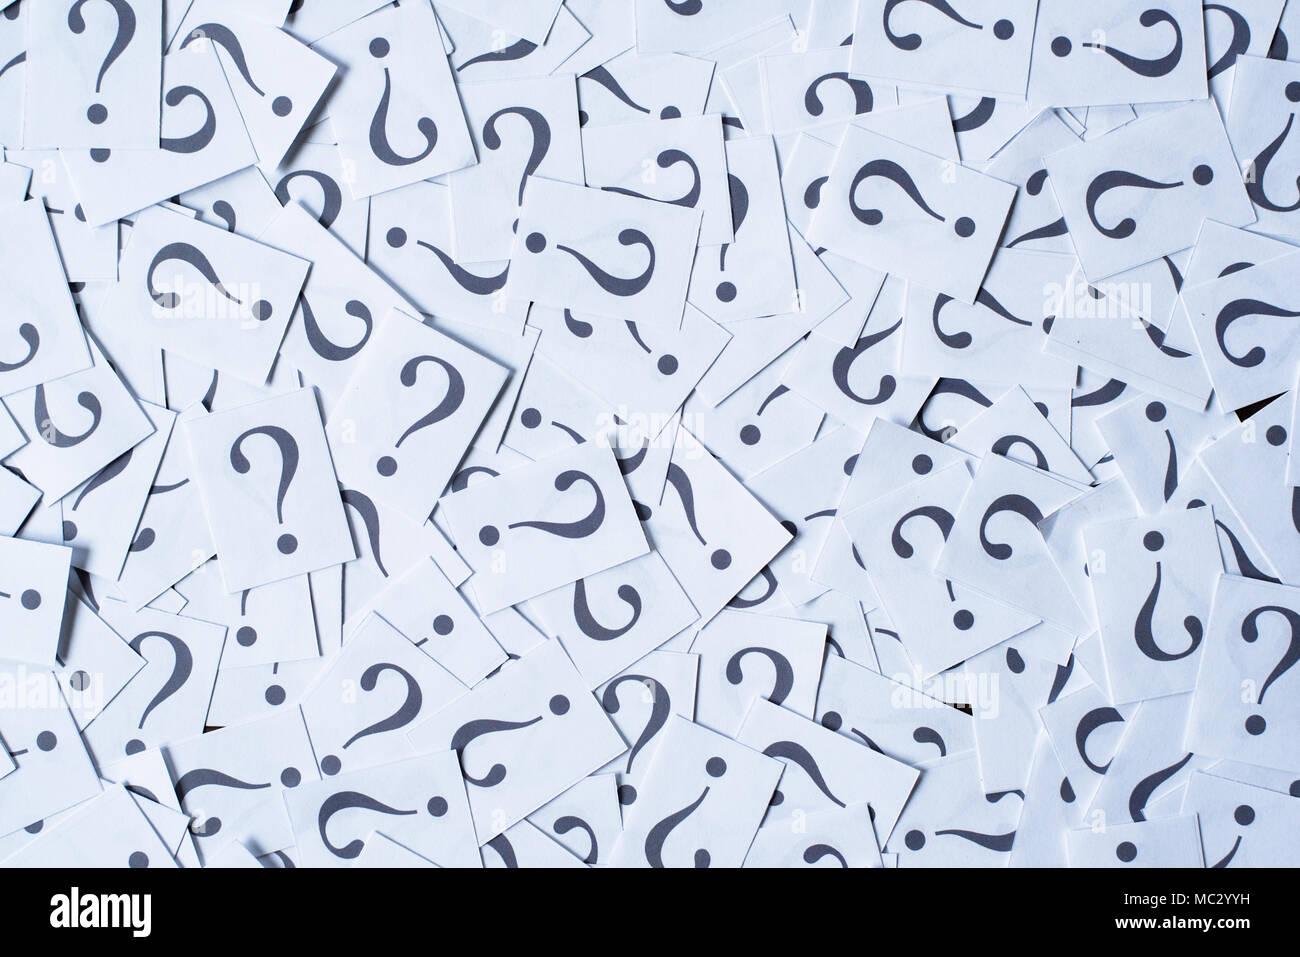 Tas de papier blanc remarque avec point d'interrogation comme arrière-plan. FAQ et Q&A Concept Photo Stock